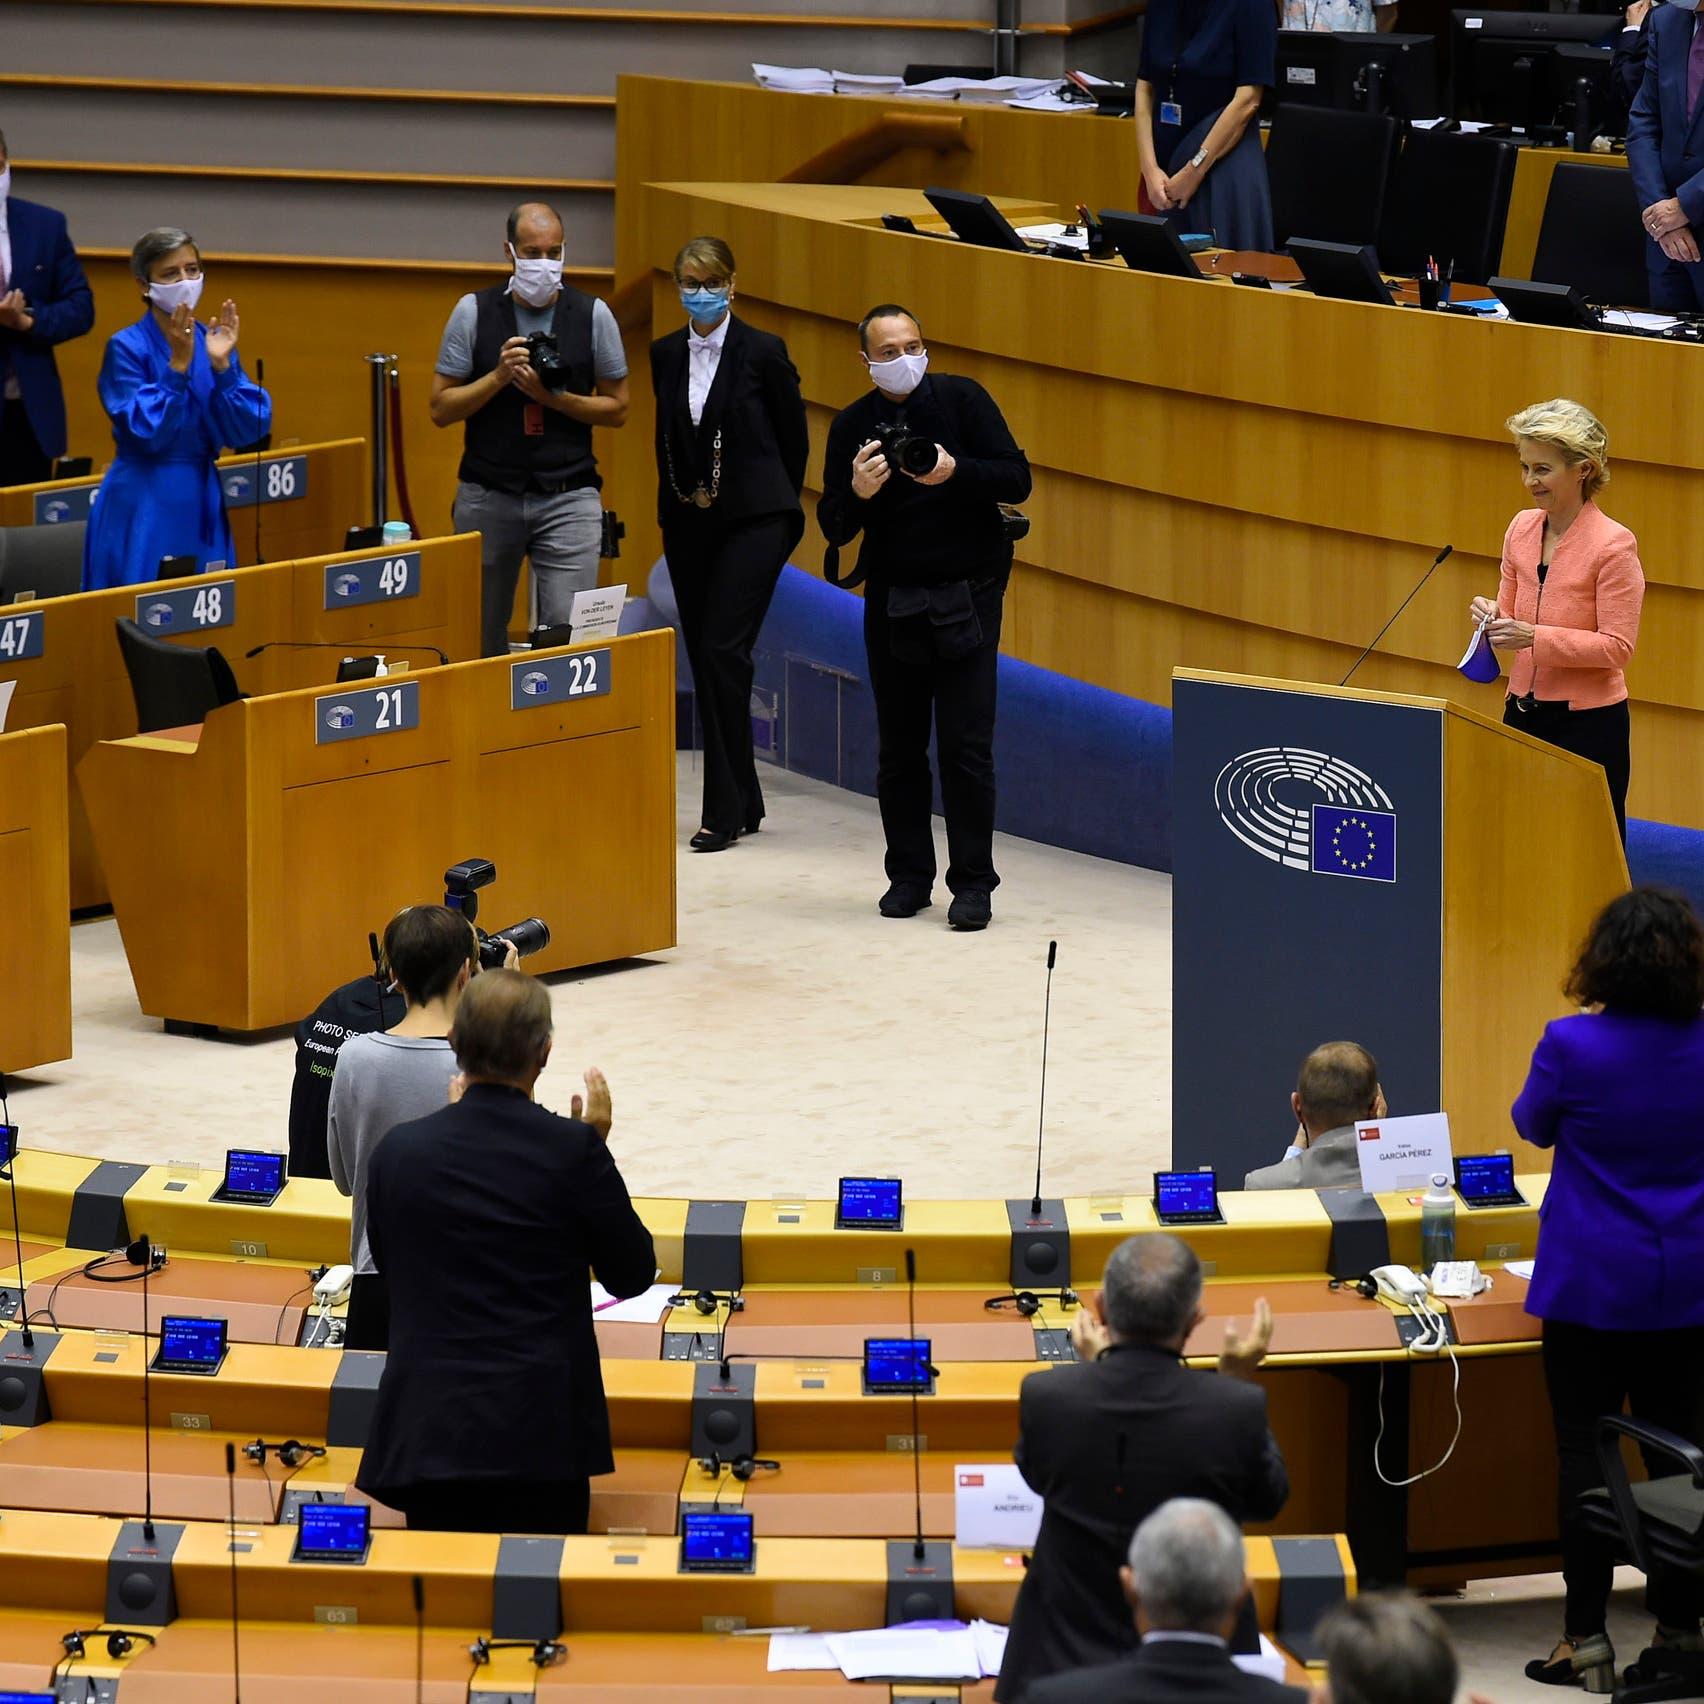 بالأغلبية المطلقة.. نواب أوروبا يصوتون على إدانة تركيا